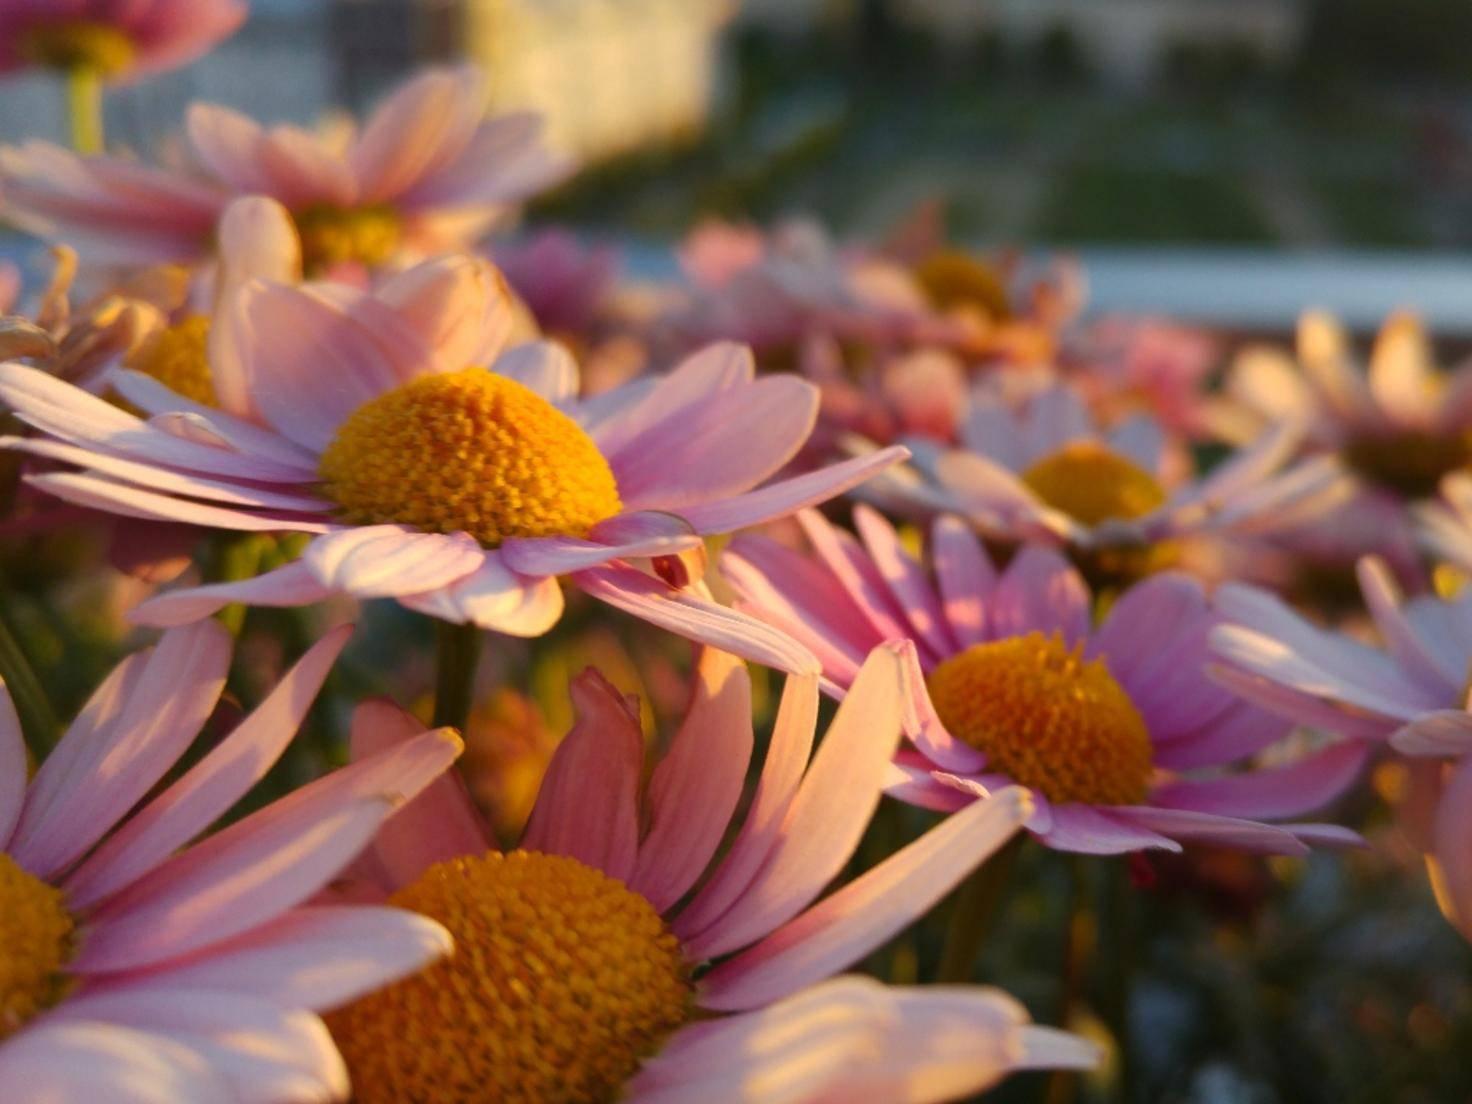 Auch Detailaufnahmen wirken scharf, wie die Blumen in der Abendsonne.